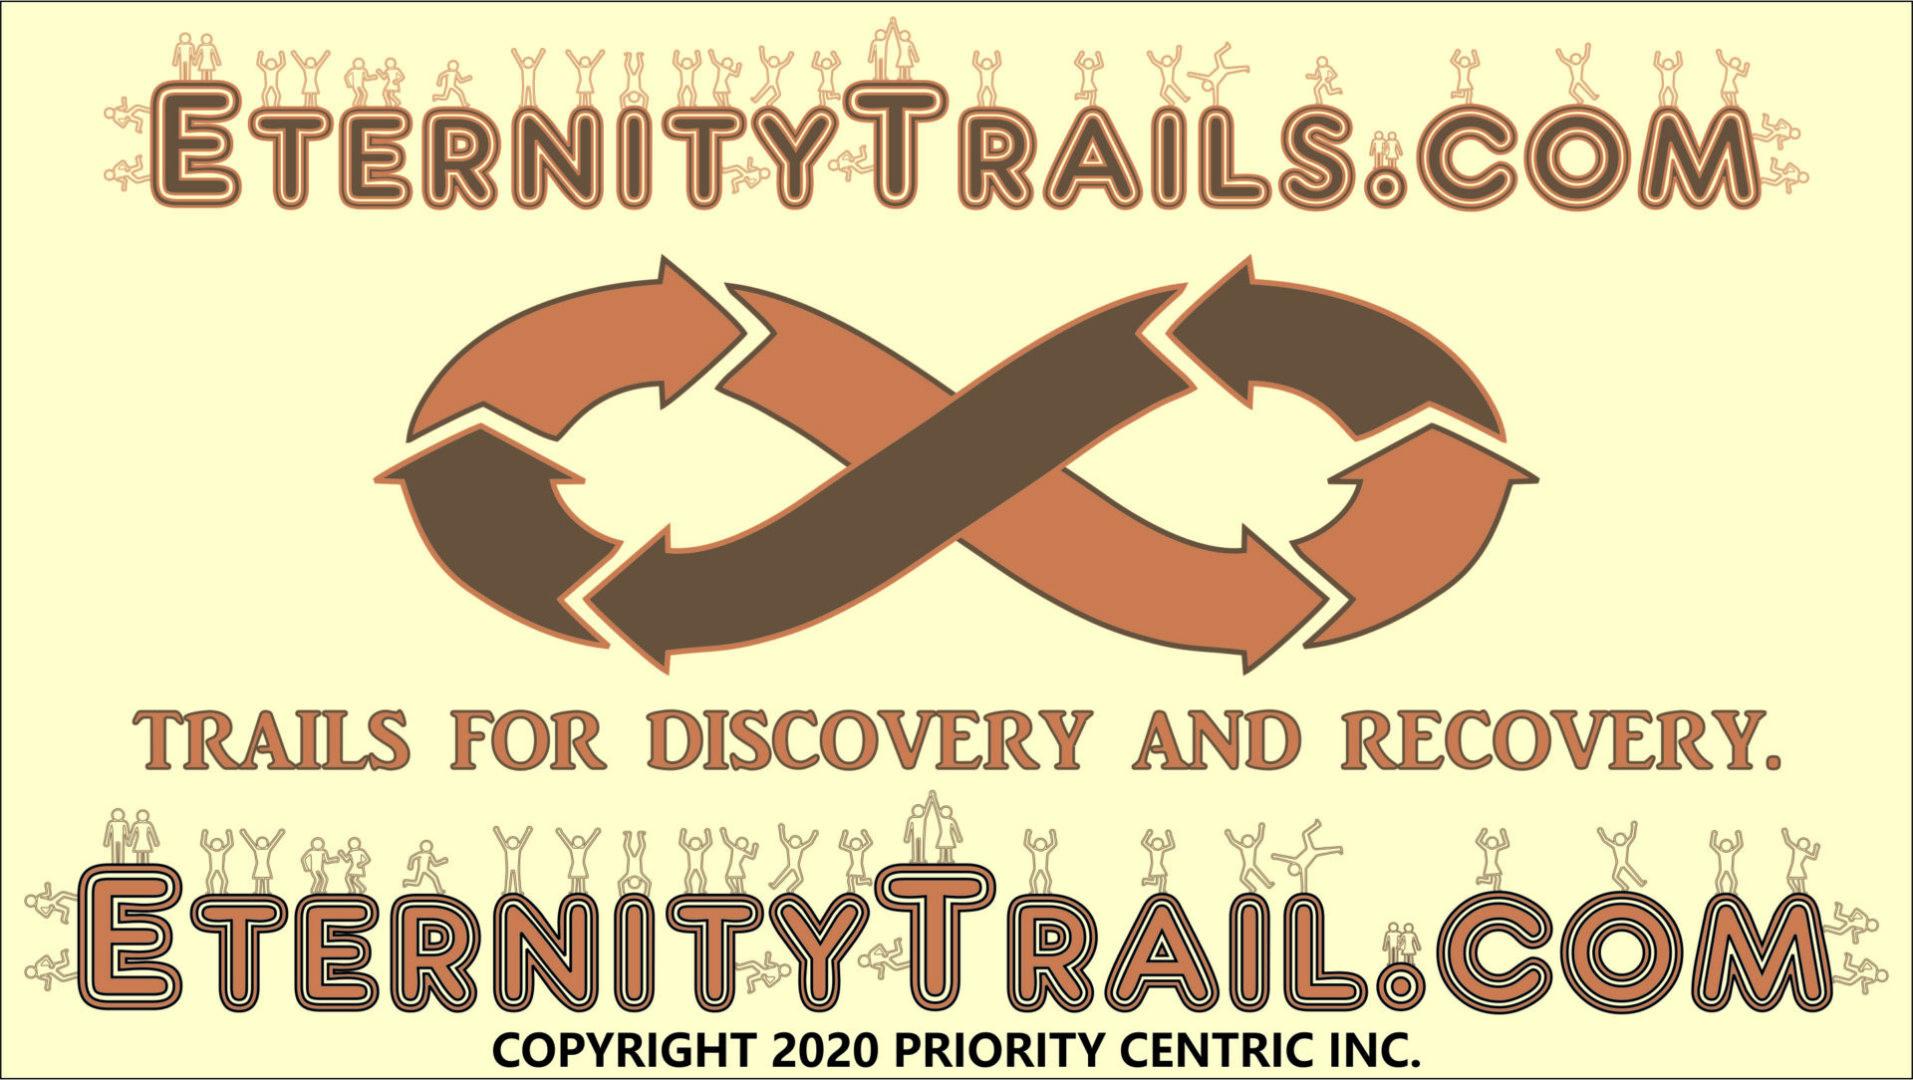 ETERNITY TRAIL LOGOS CR2020